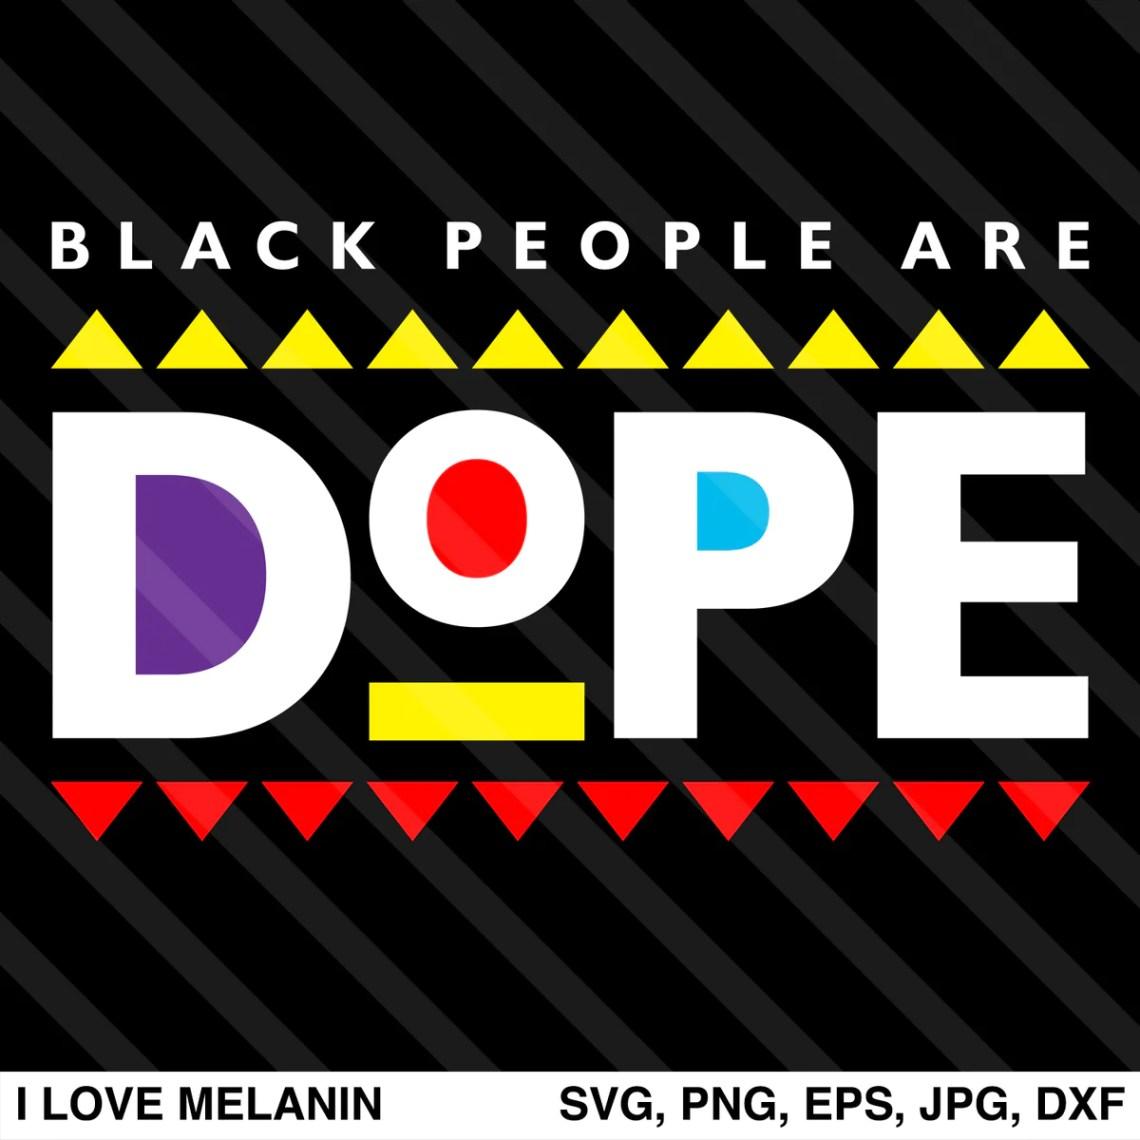 Download Black People Are Dope SVG - I Love Melanin